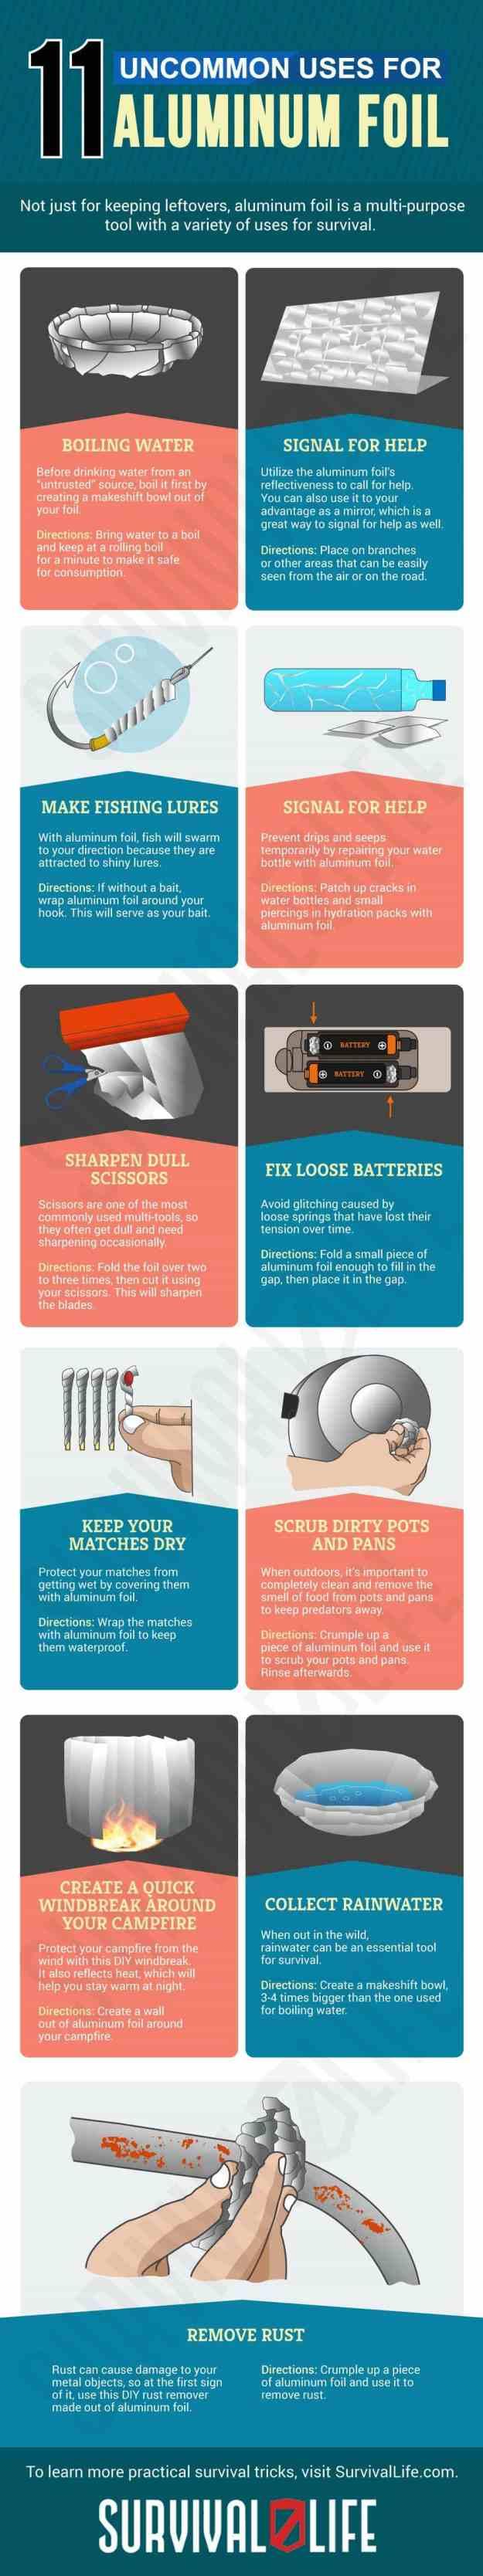 Infographic   Uncommon Aluminum Foil Survival Uses